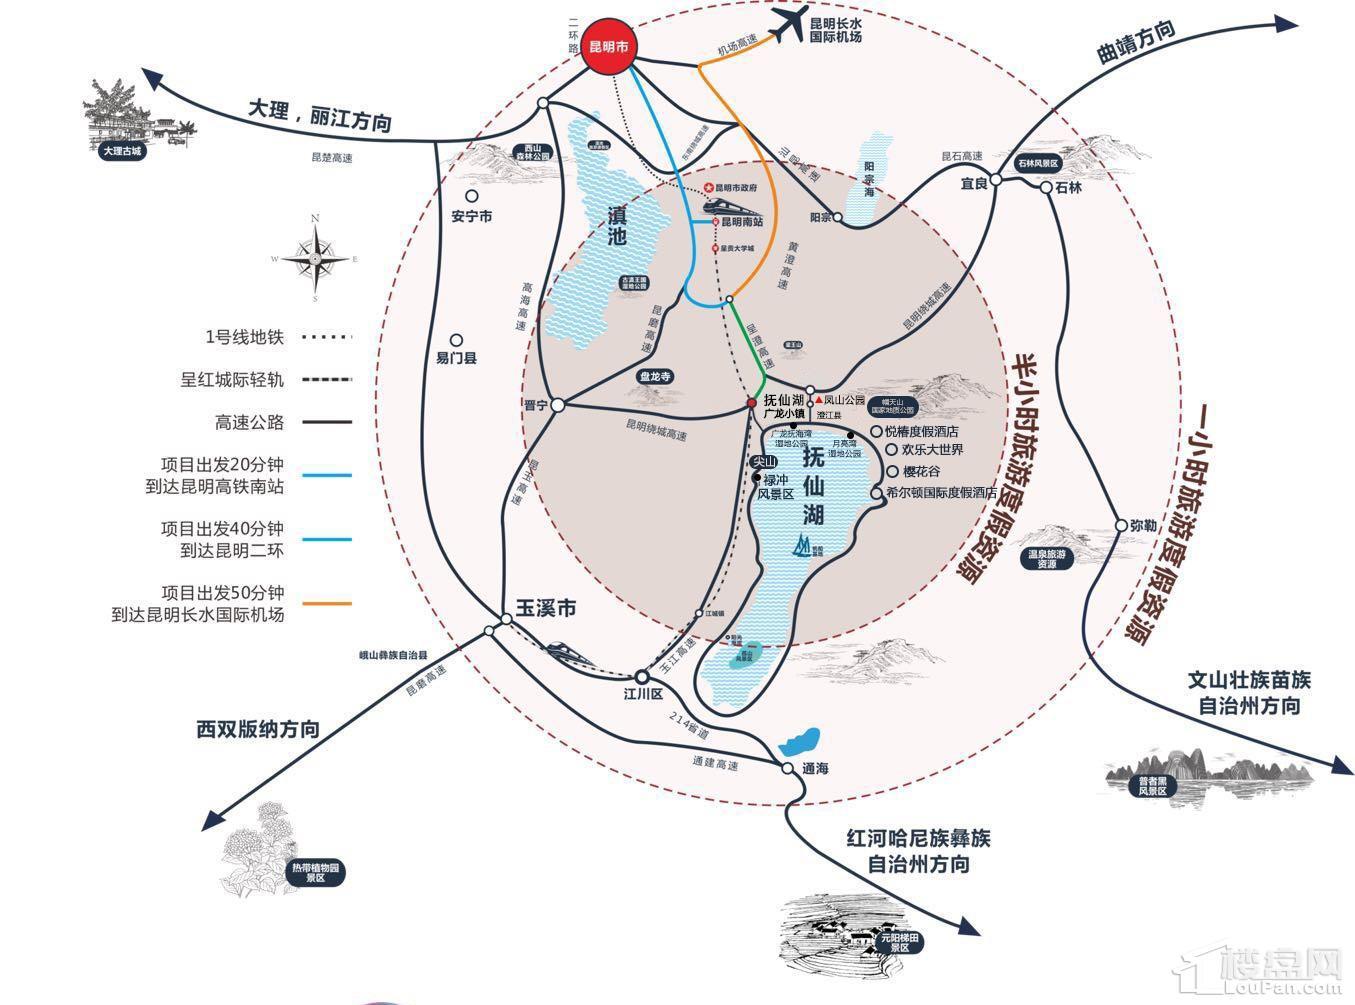 抚仙湖·广龙小镇位置图